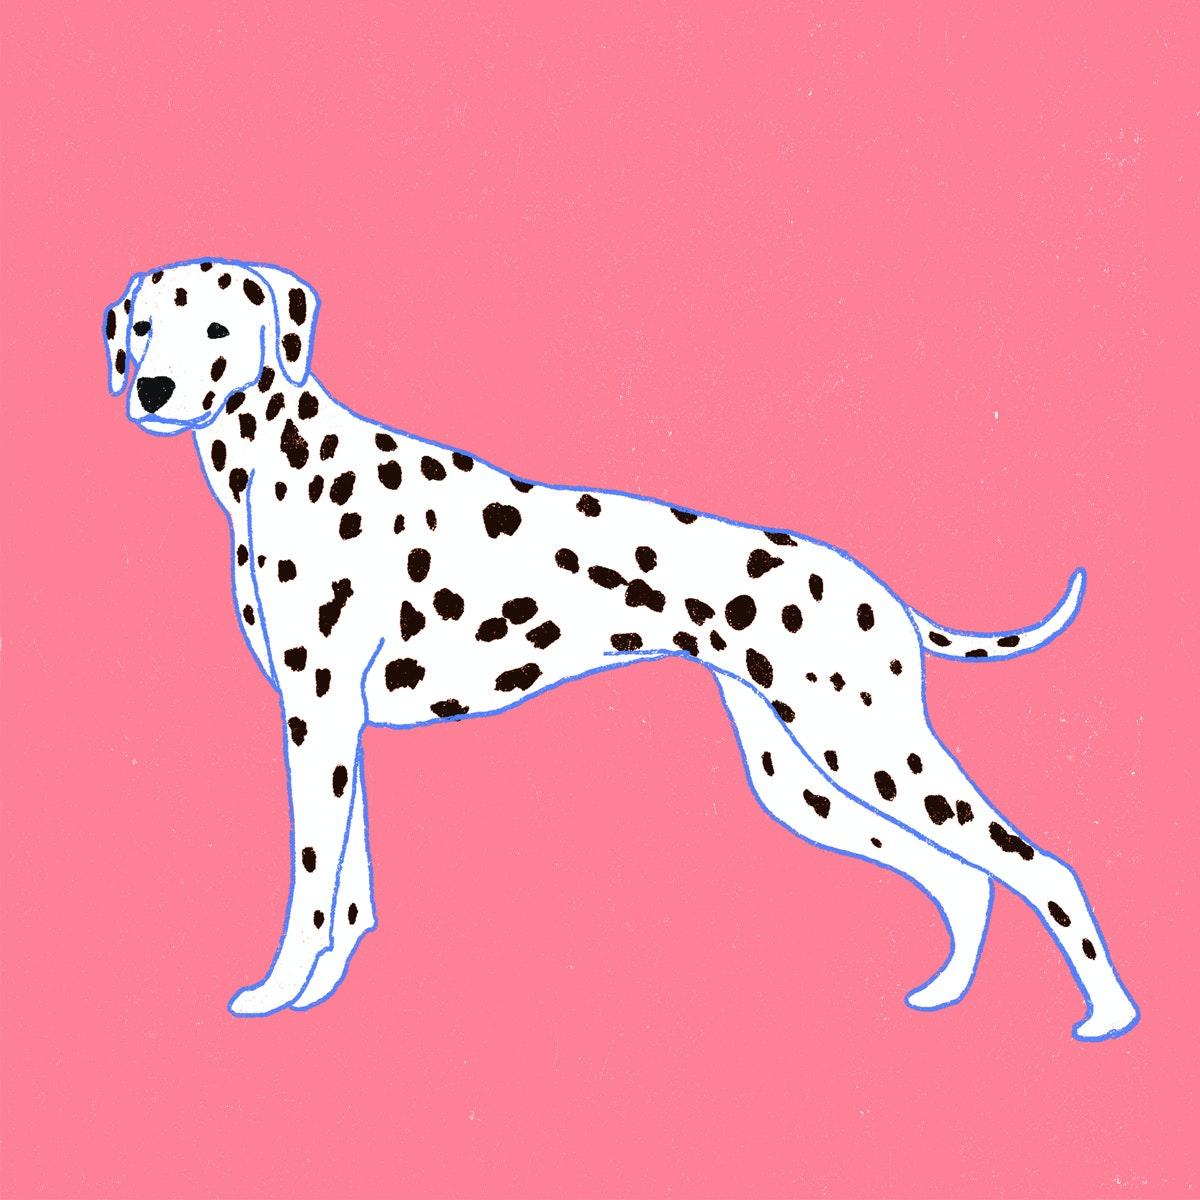 Milica-Golubovic-Dalmatian-dog-web